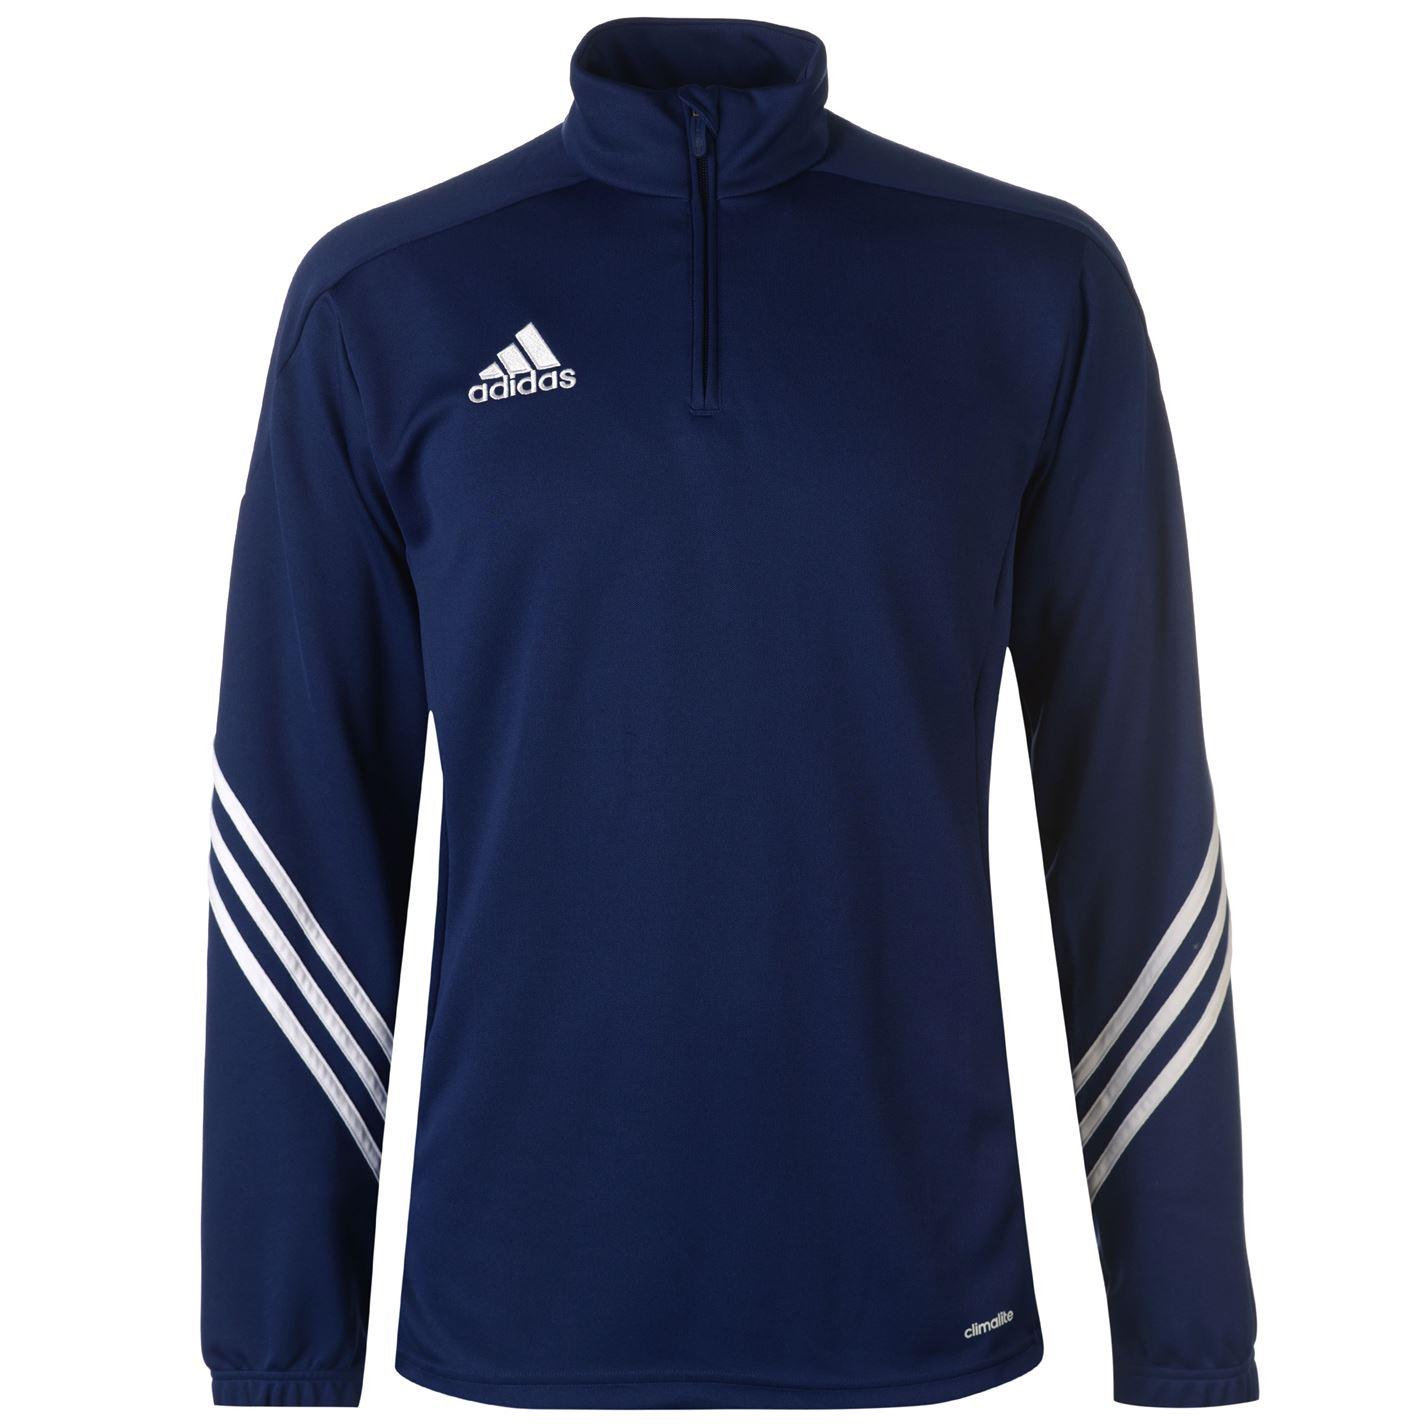 Adidas Sereno Long Sleeve Top Mens